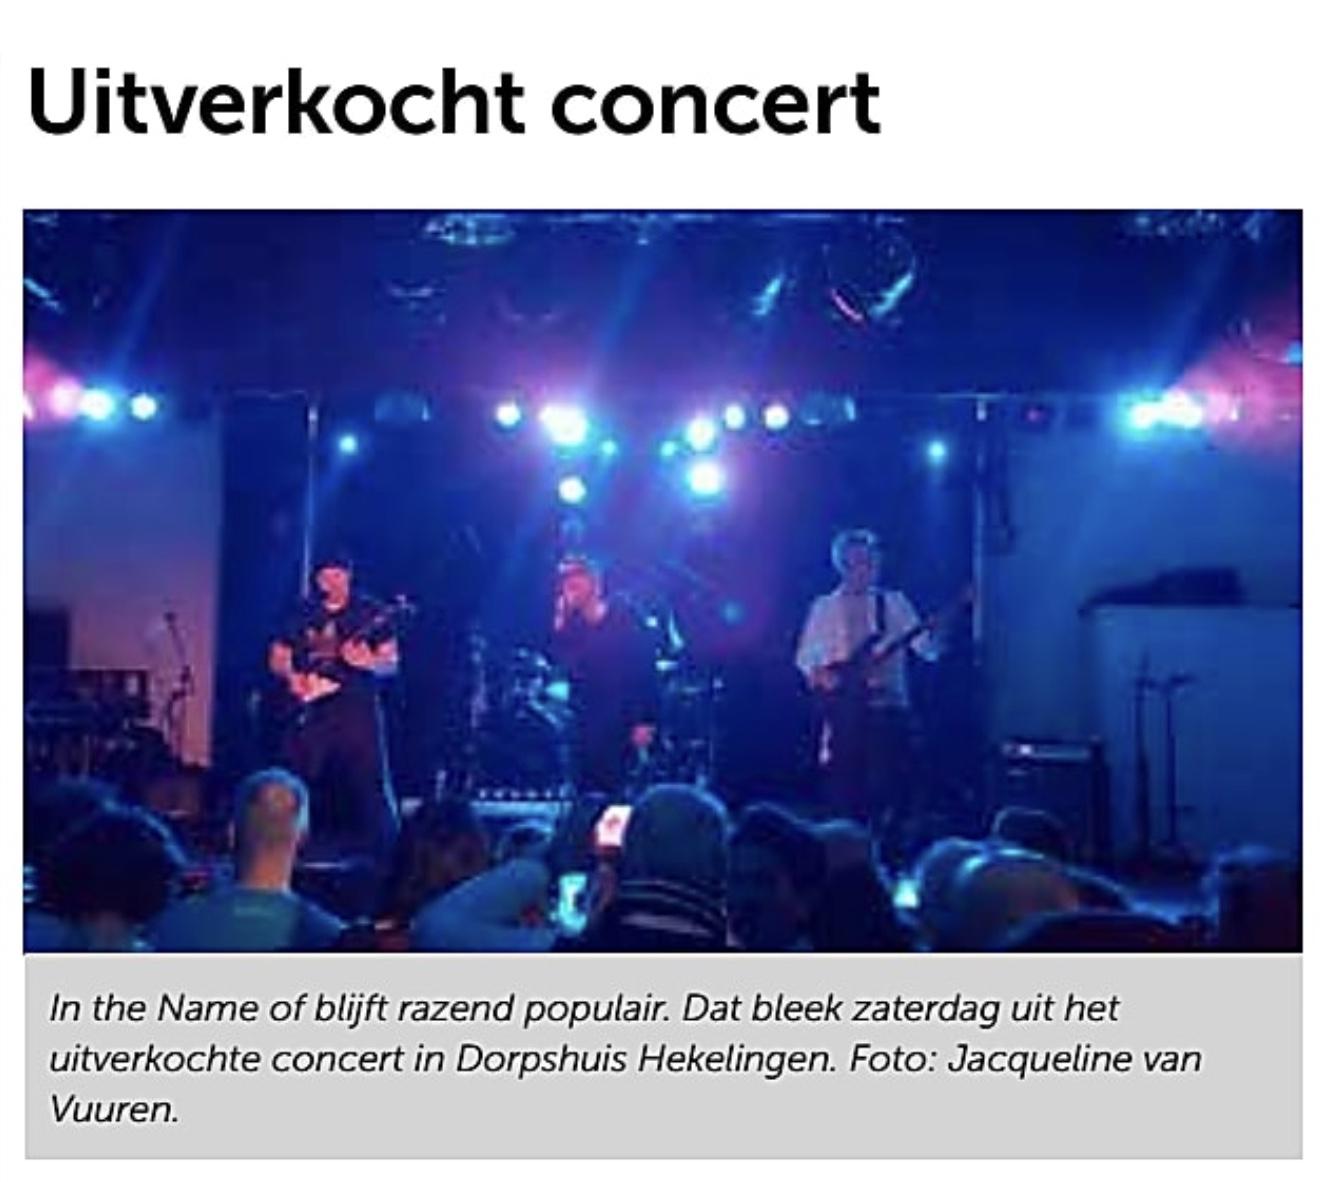 Uitverkocht concert